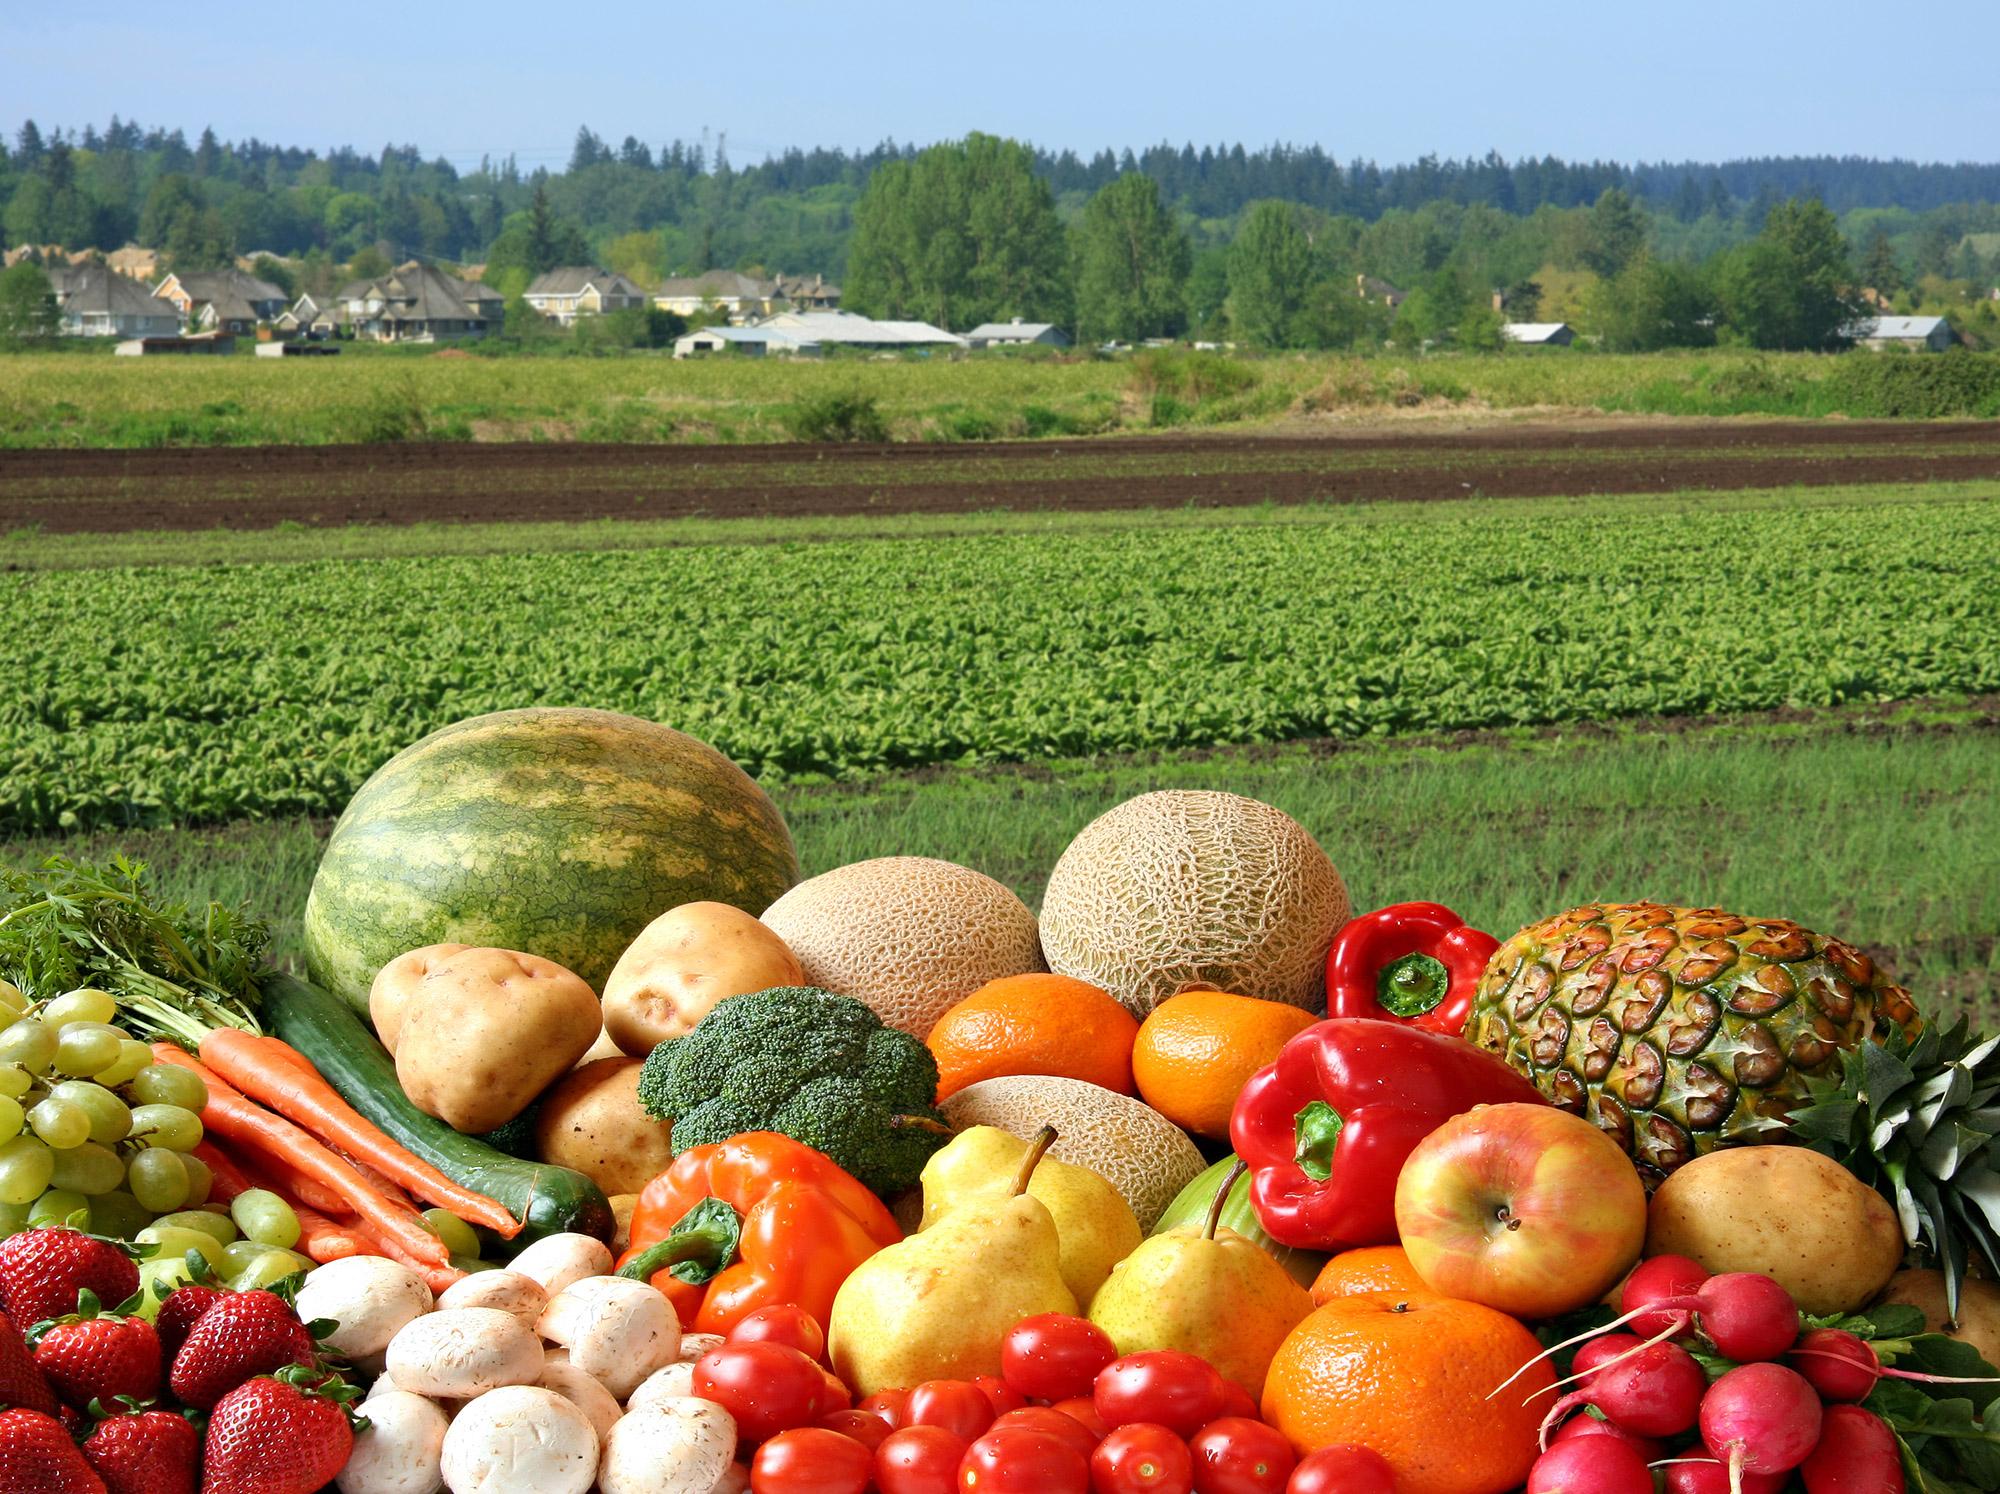 Field Supplies Ltd Fruit